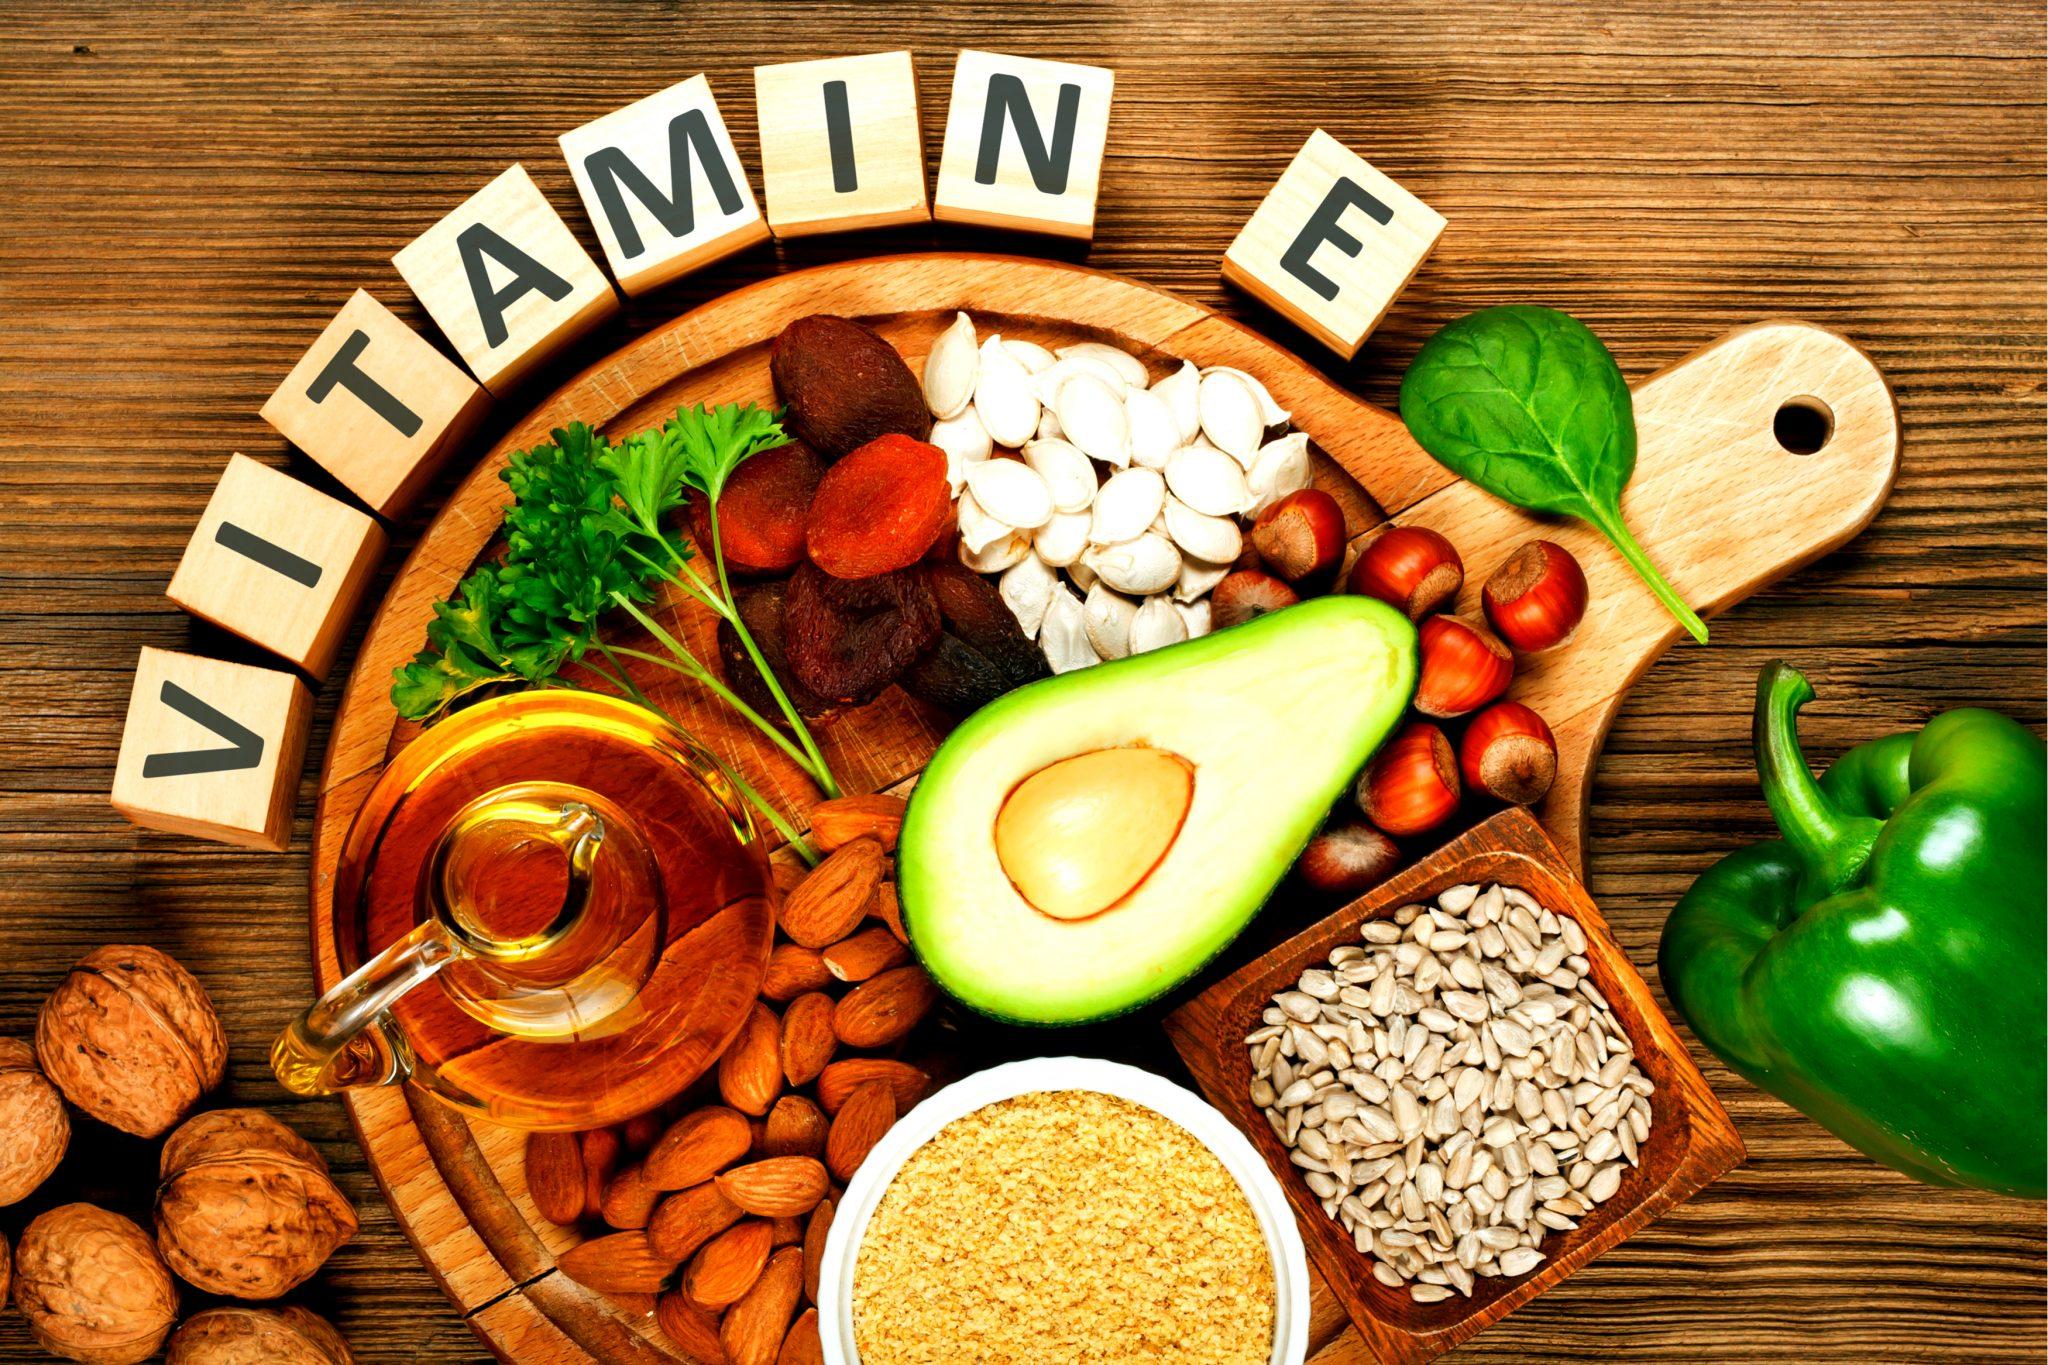 ビタミンEを含む食べ物をまとめた写真